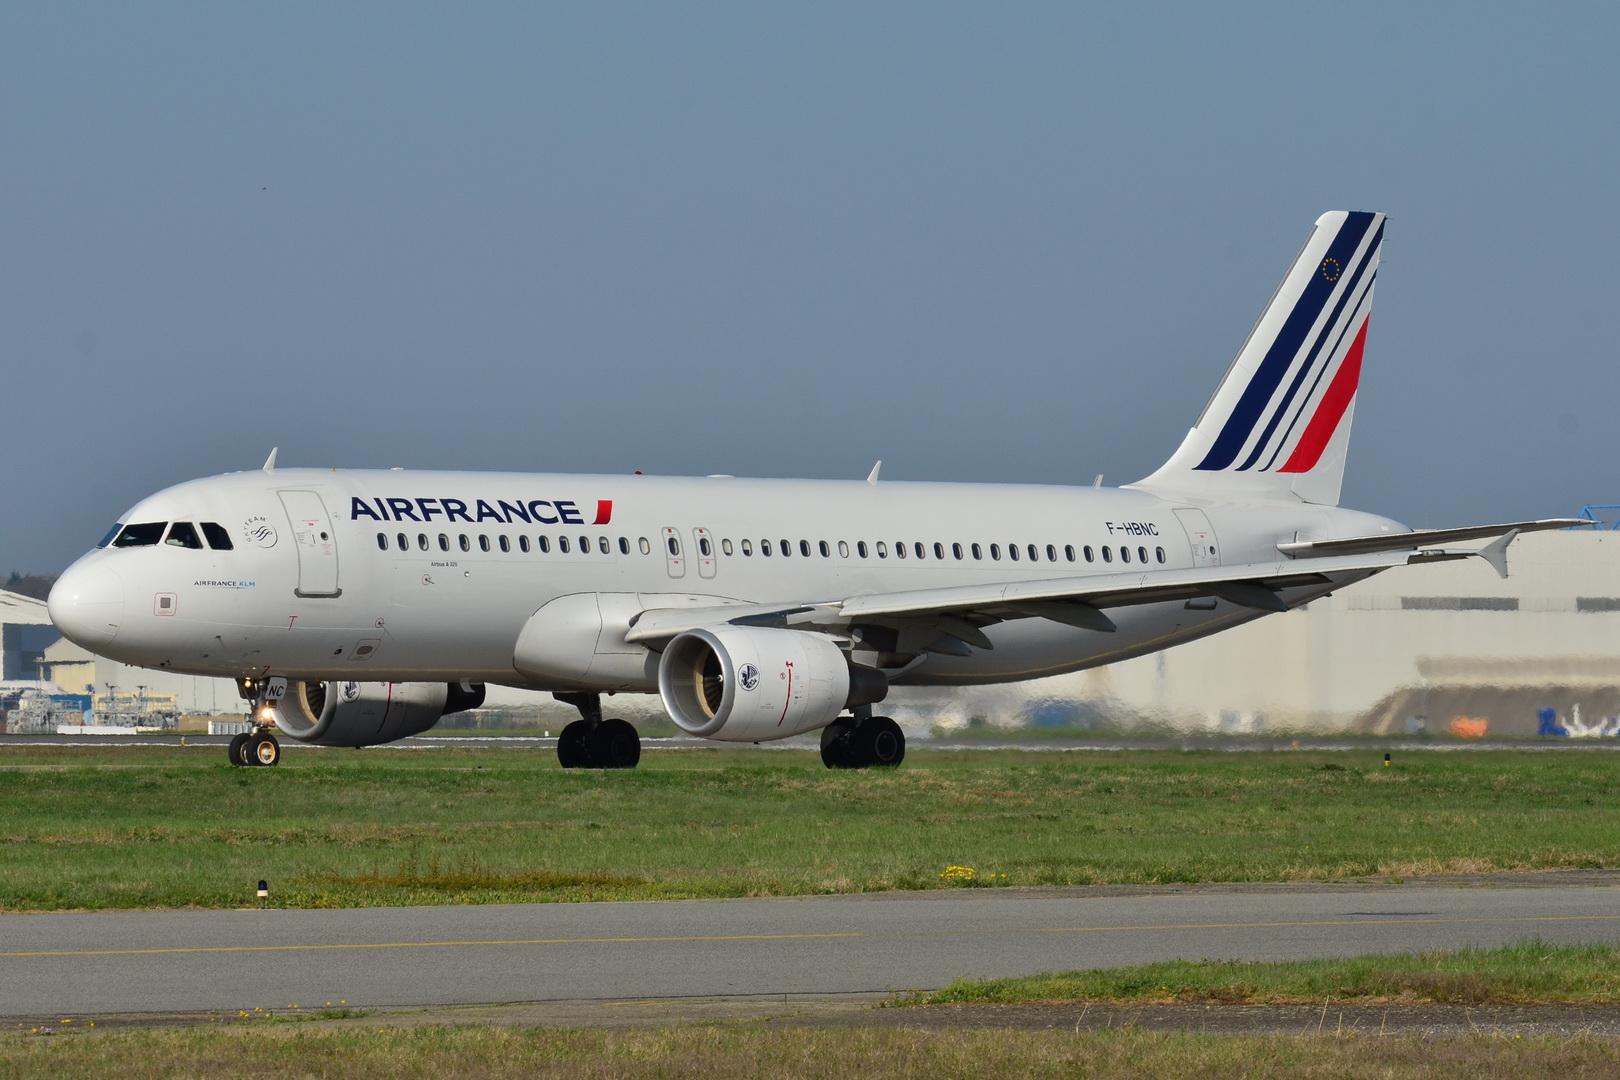 File:Airbus A320-200 Air France (AFR) F-HBNC - MSN 4601 ...